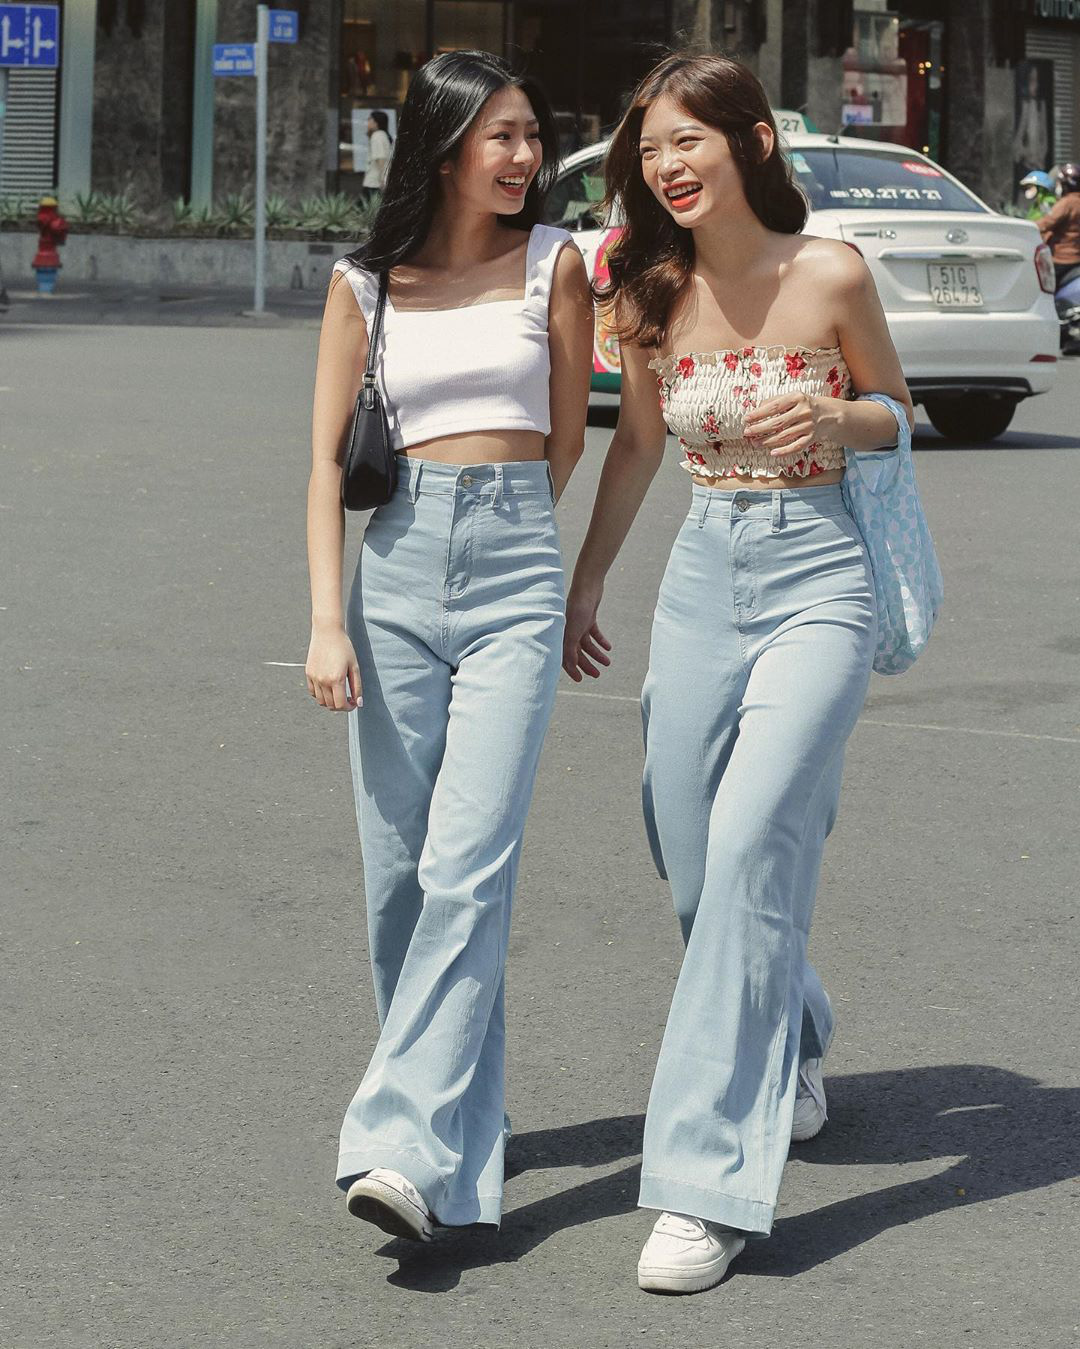 Cùng chế quần thành áo nhưng stylist của Rosé được khen hết lời, stylist của ITZY lại bị chê không ngóc nổi đầu - Ảnh 12.